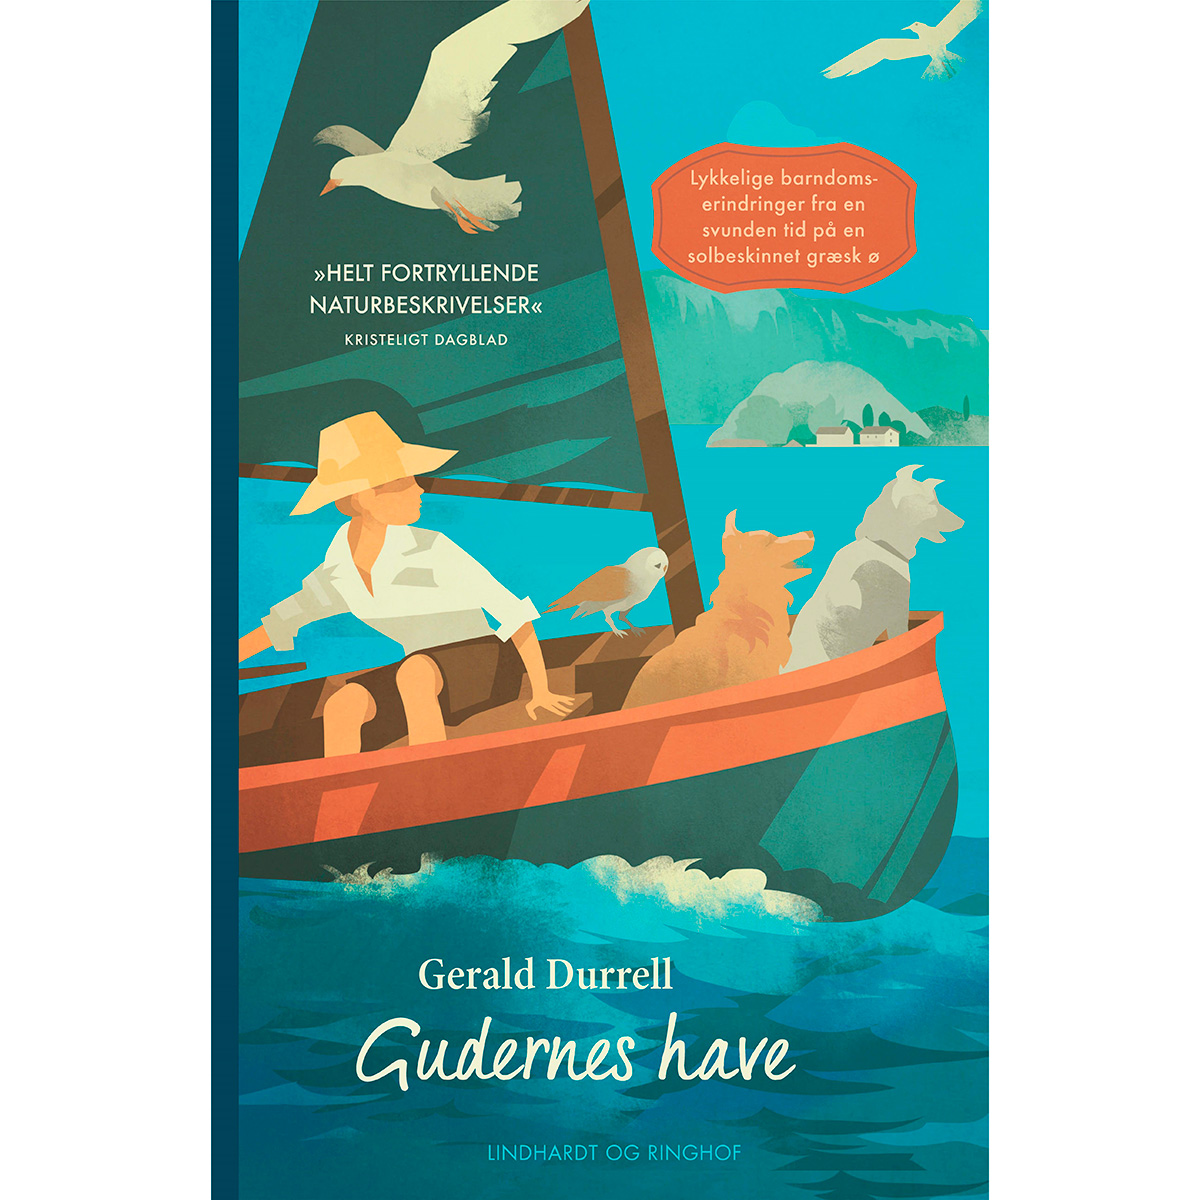 Gudernes have - Gerald Durrells erindringer 3 - Indbundet